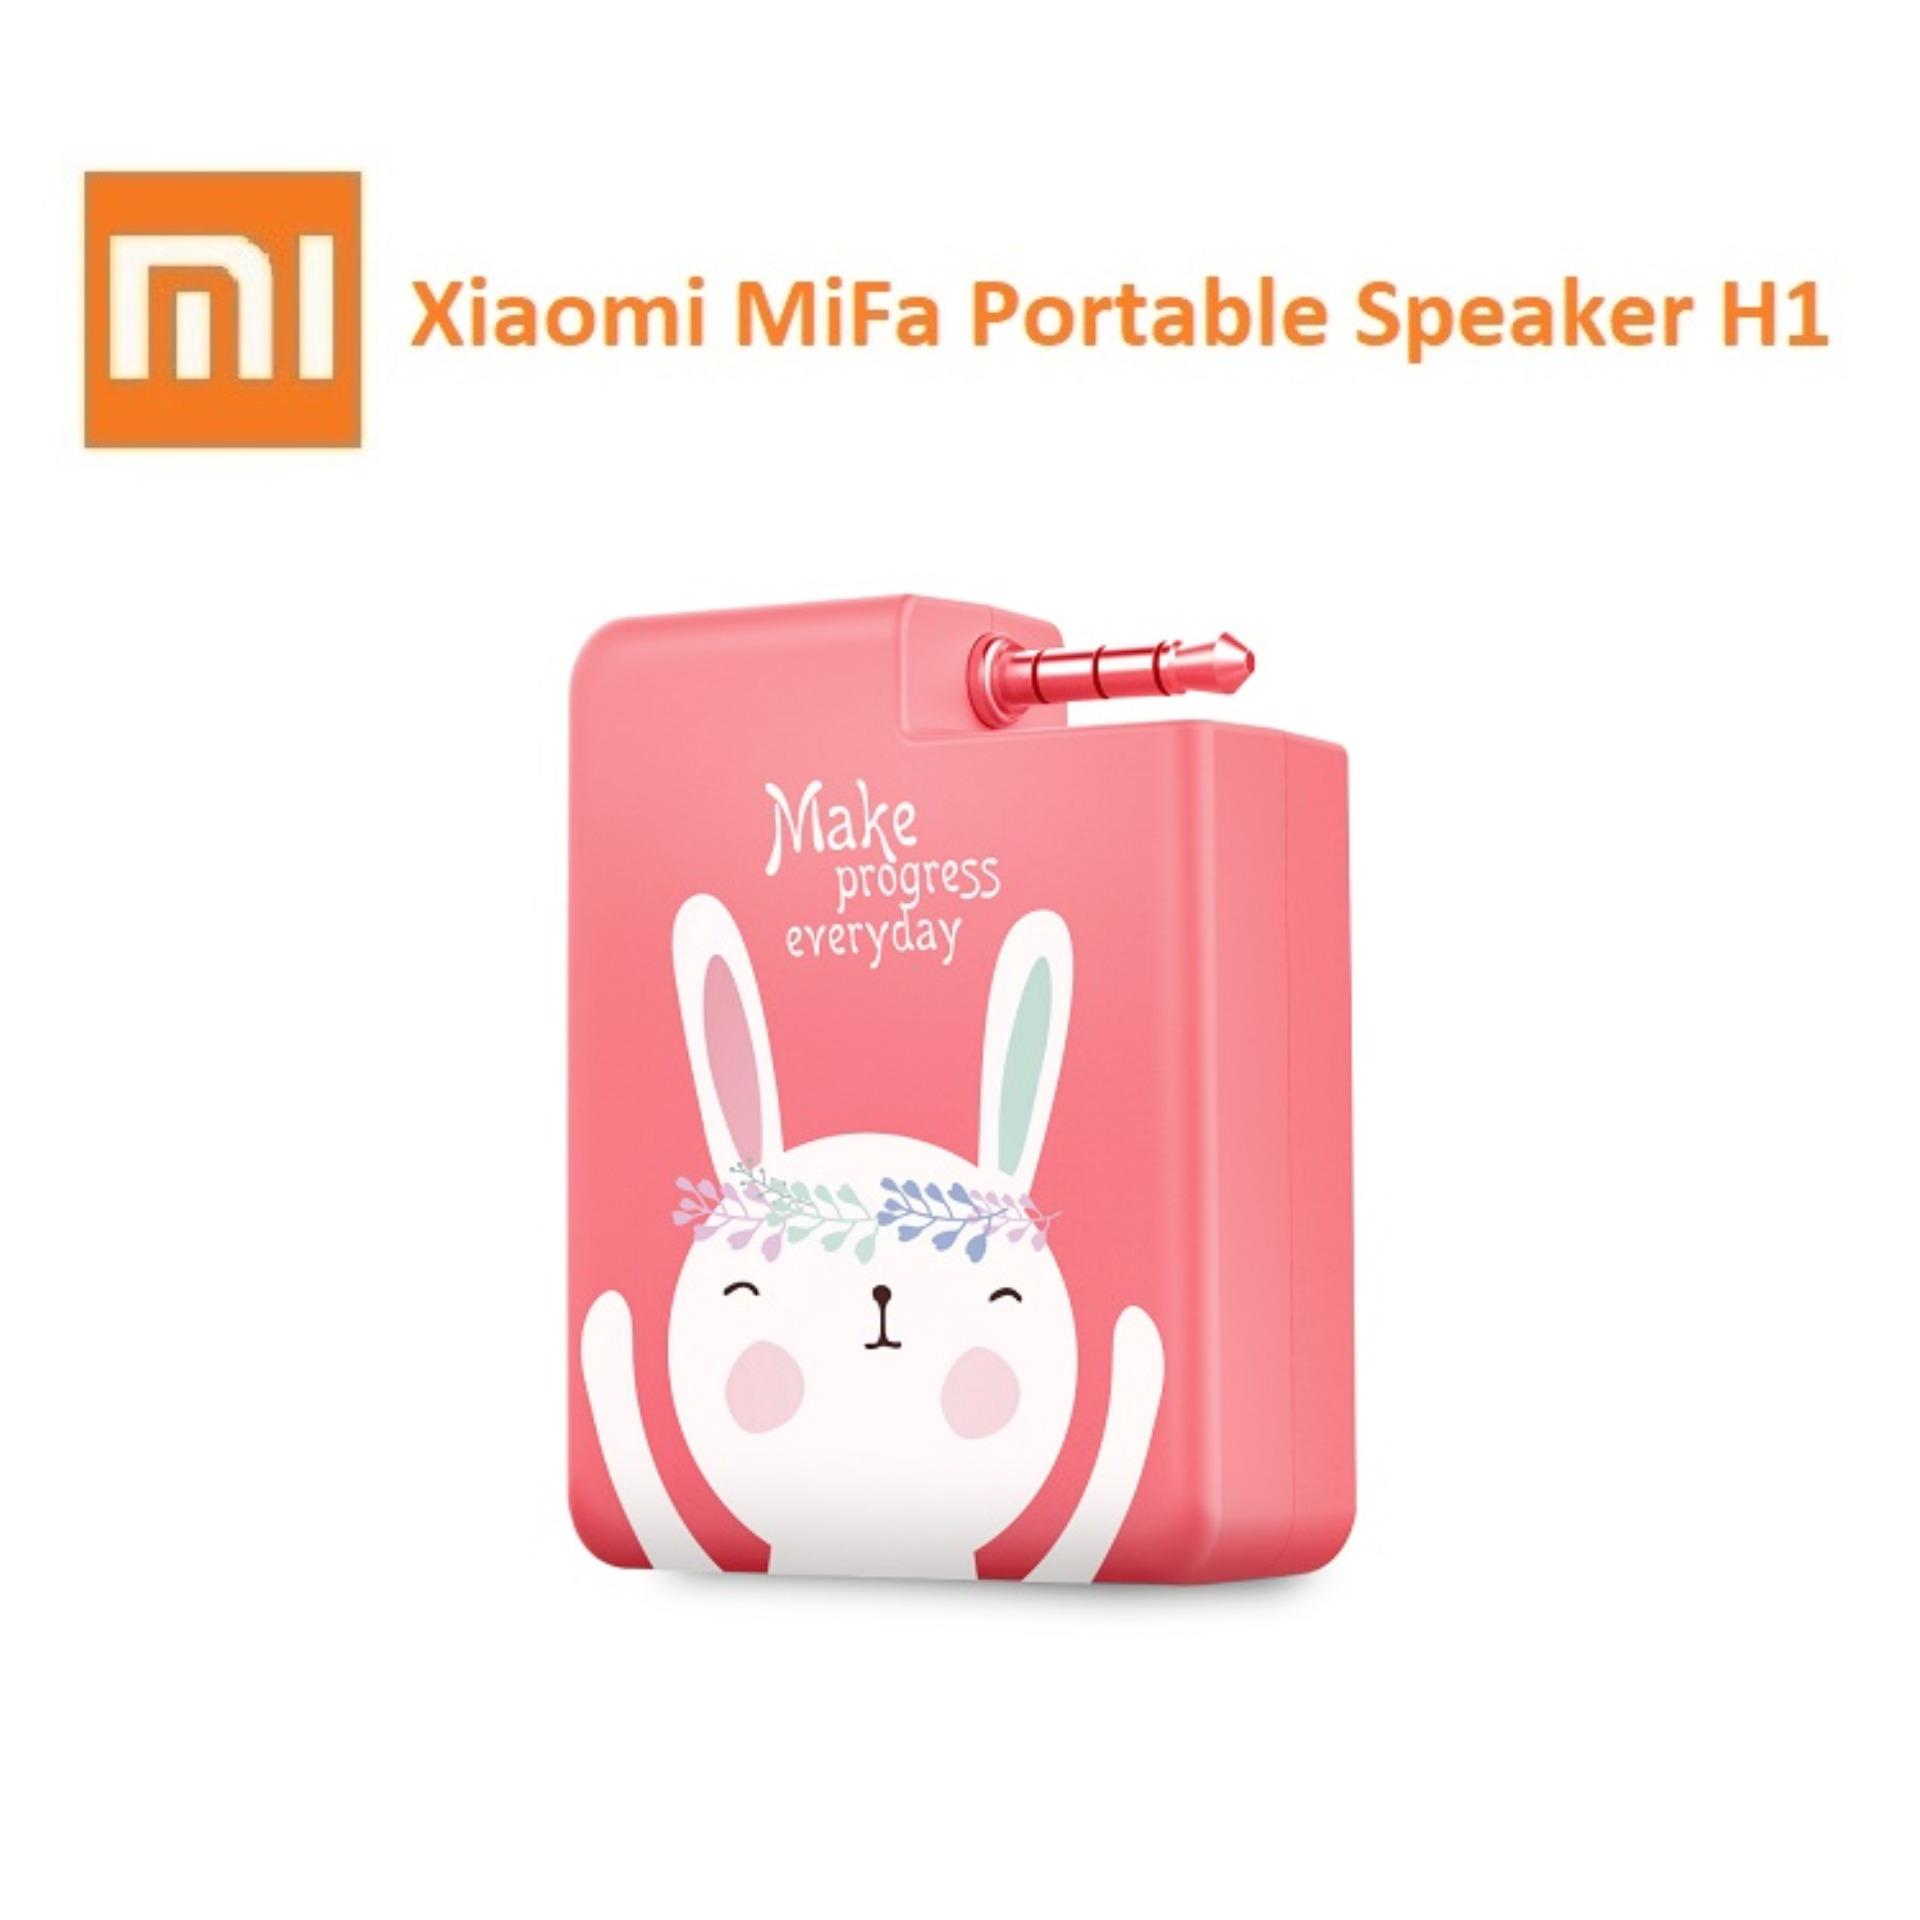 Spesifikasi Xiaomi Mifa H1 Portable Speaker Stereo Mini 3 5Mm Audio Plug N Play Merah Muda Dan Harga